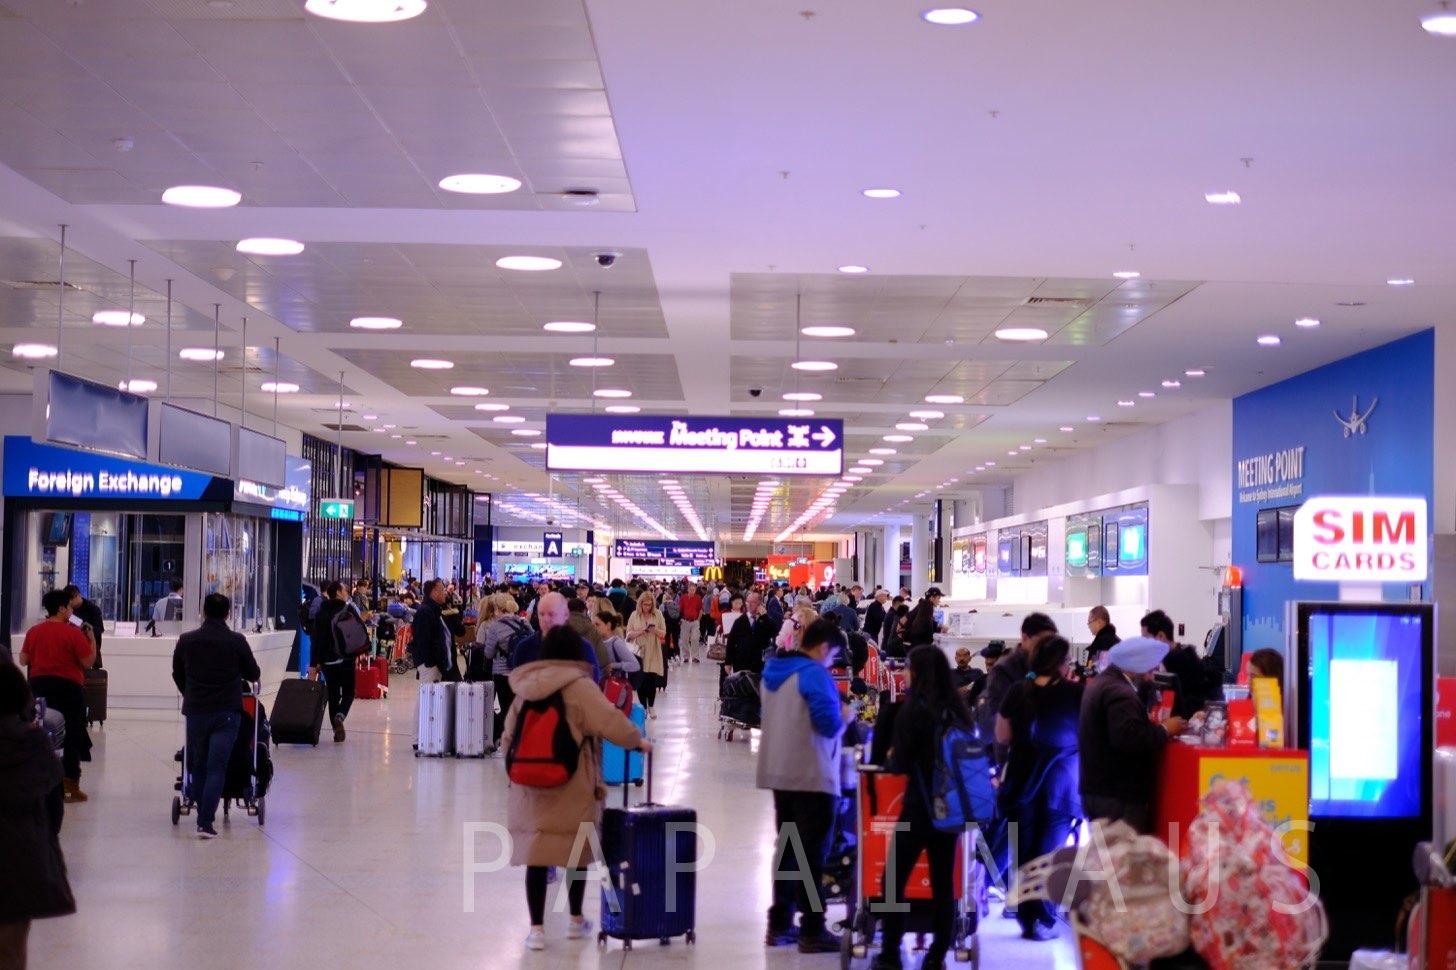 シドニー空港到着出口付近。混雑時は観光客でごった返す